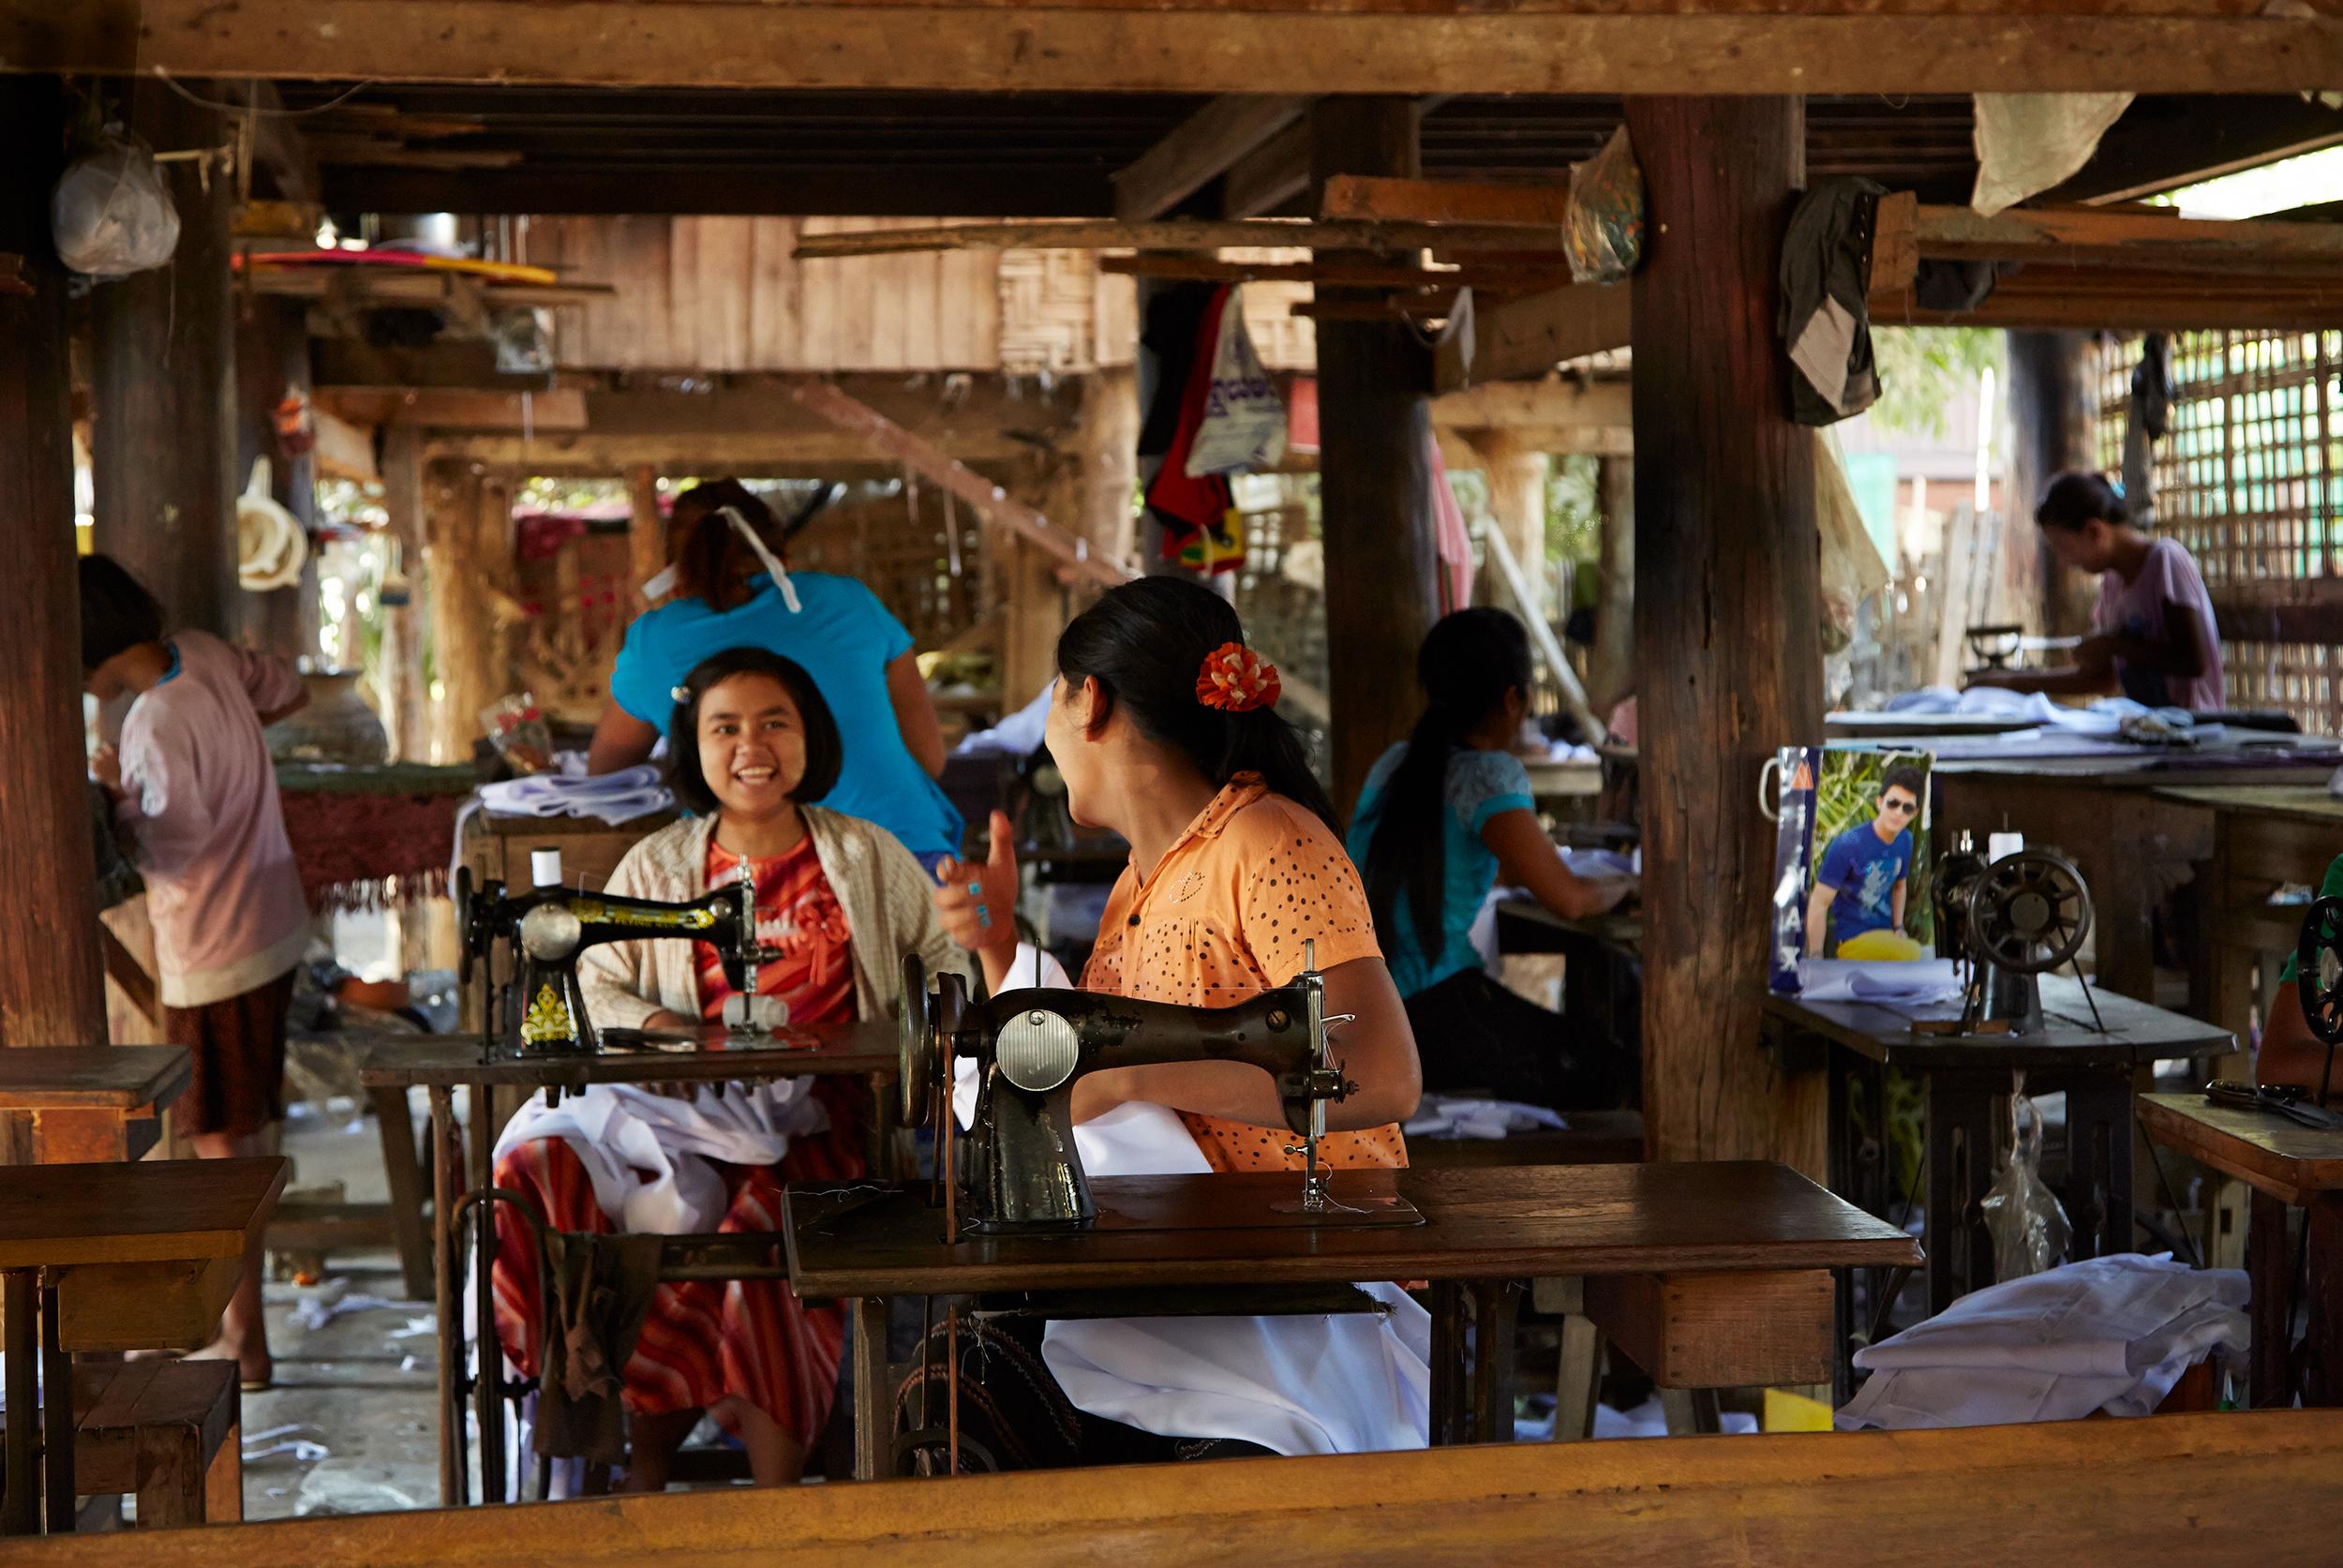 Kanjana-Chaiwatanachai-Image-Works_Mandalay_2014.01.19_0346w.jpg